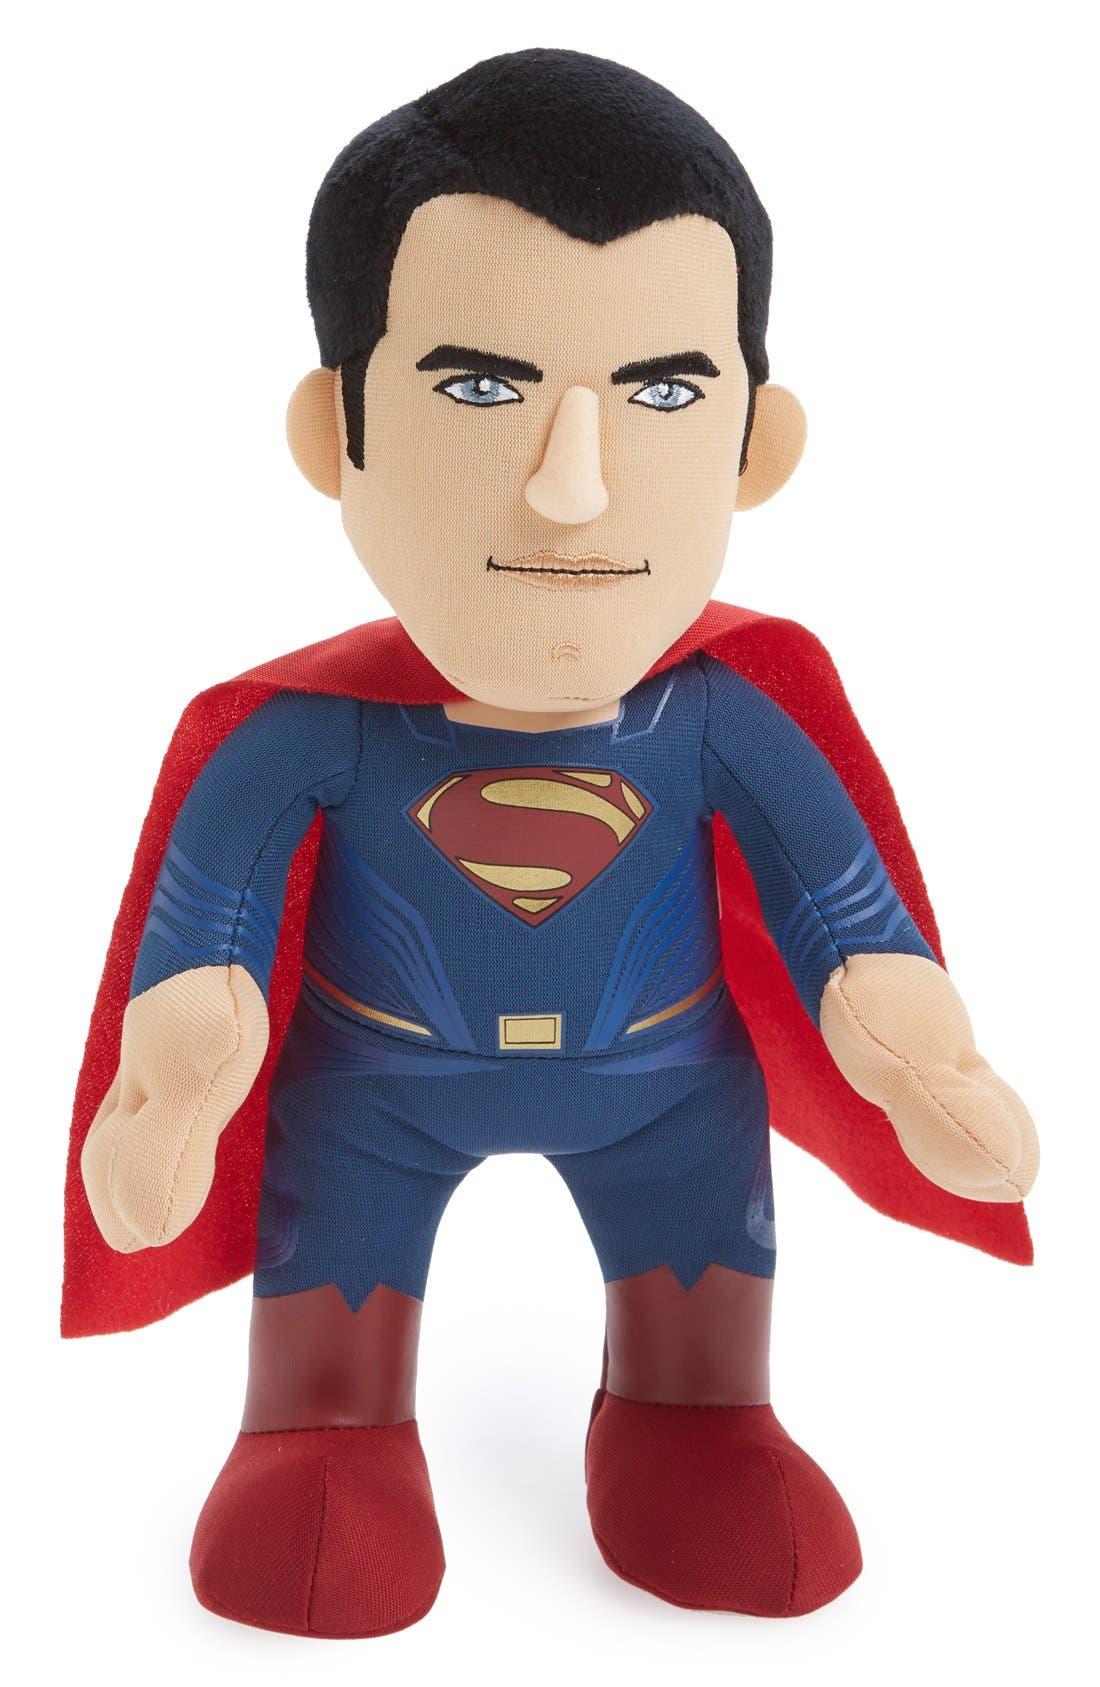 'Superman' Plush Toy,                             Alternate thumbnail 2, color,                             400